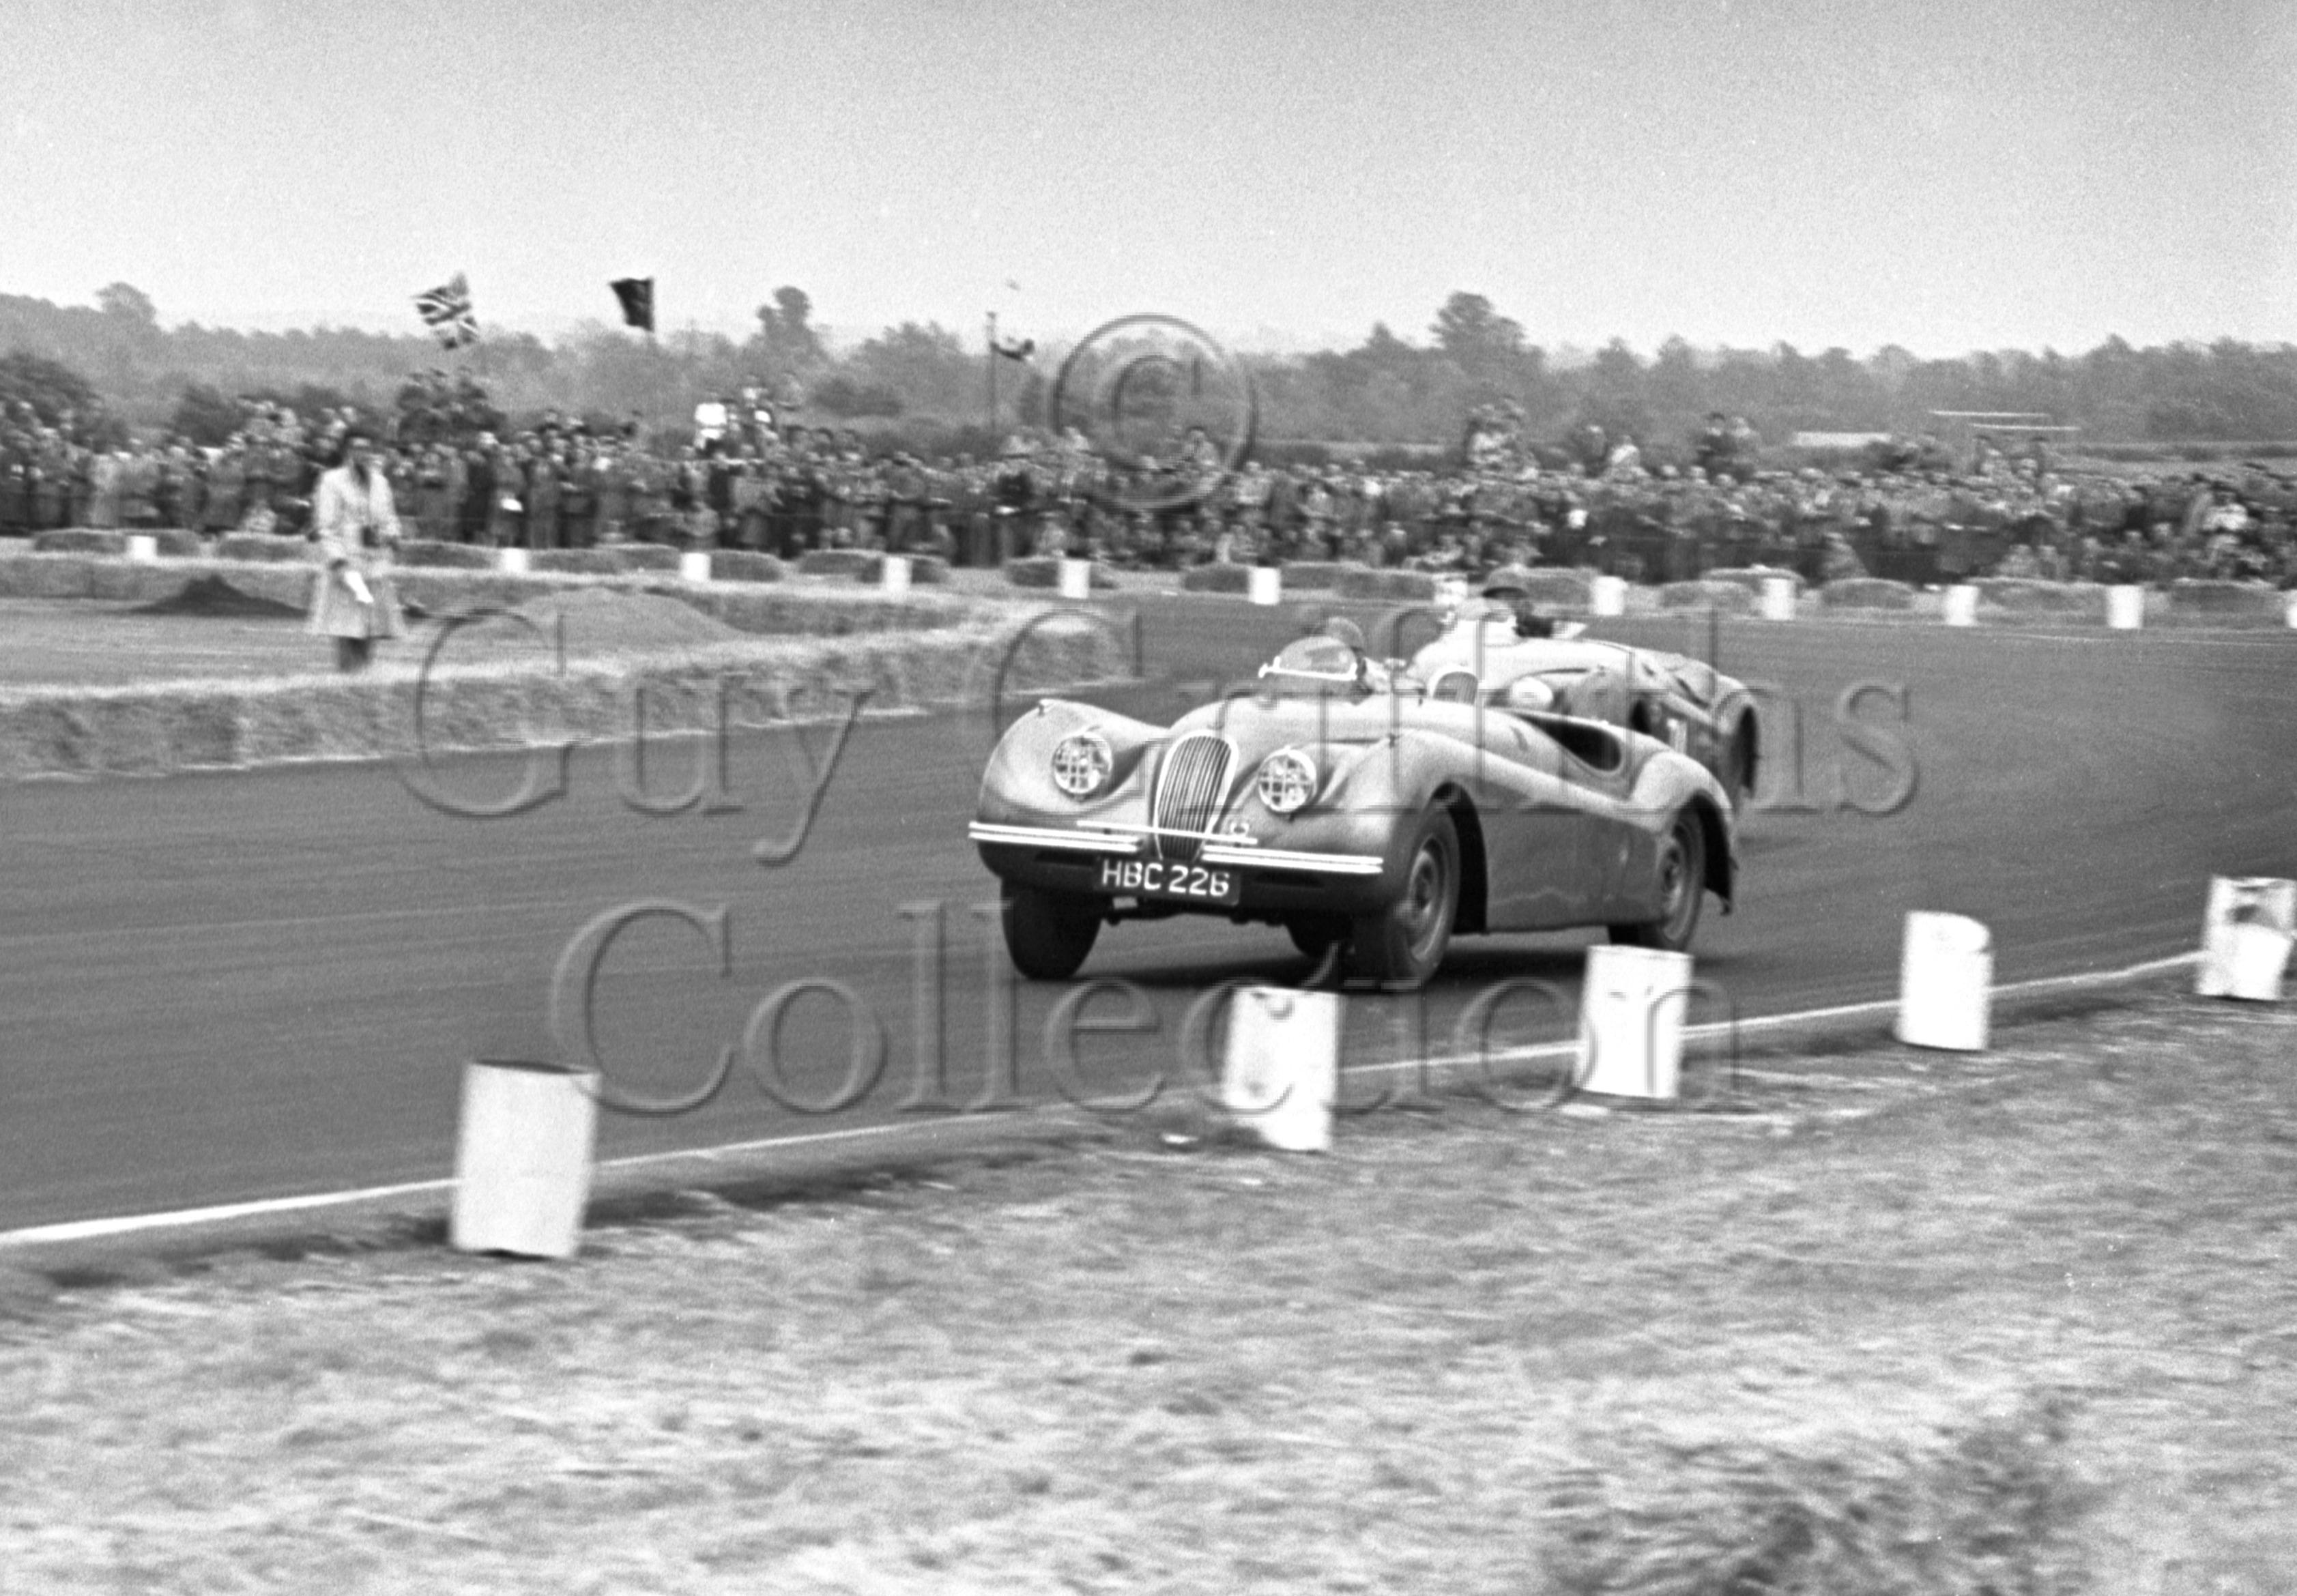 56-336–R-Salvadori–Jaguar–Boreham–21-06-1952.jpg - Guy Griffiths Collection